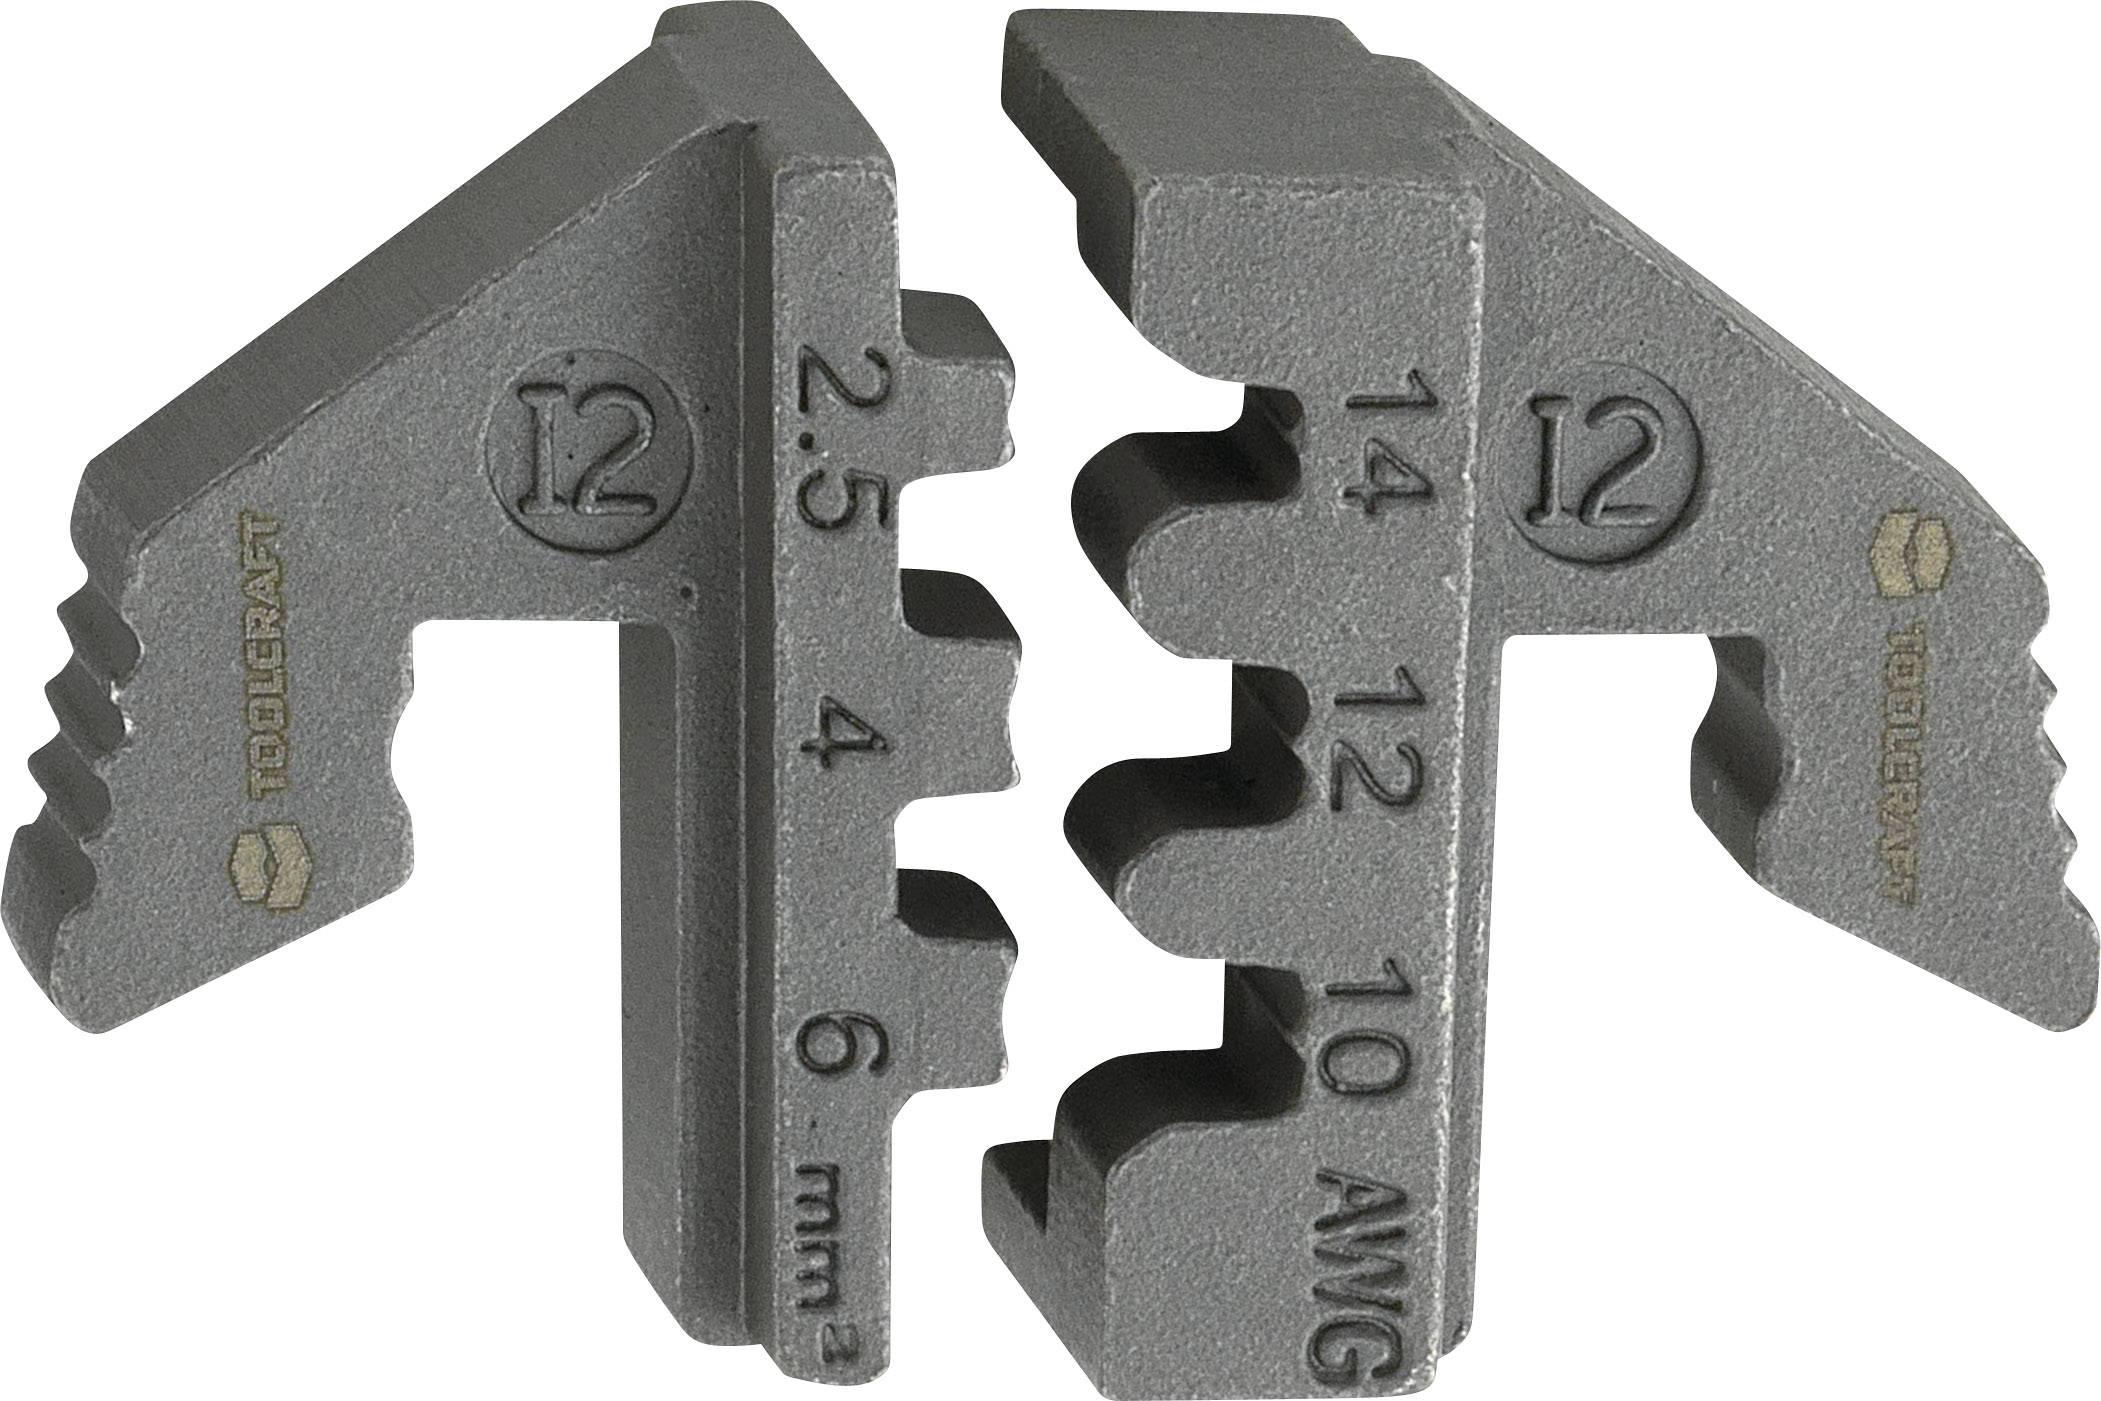 TOOLCRAFT Crimpeinsatz Flachstecker 0.1 bis 1mm² 1423390 Passend für Marke TOOLC